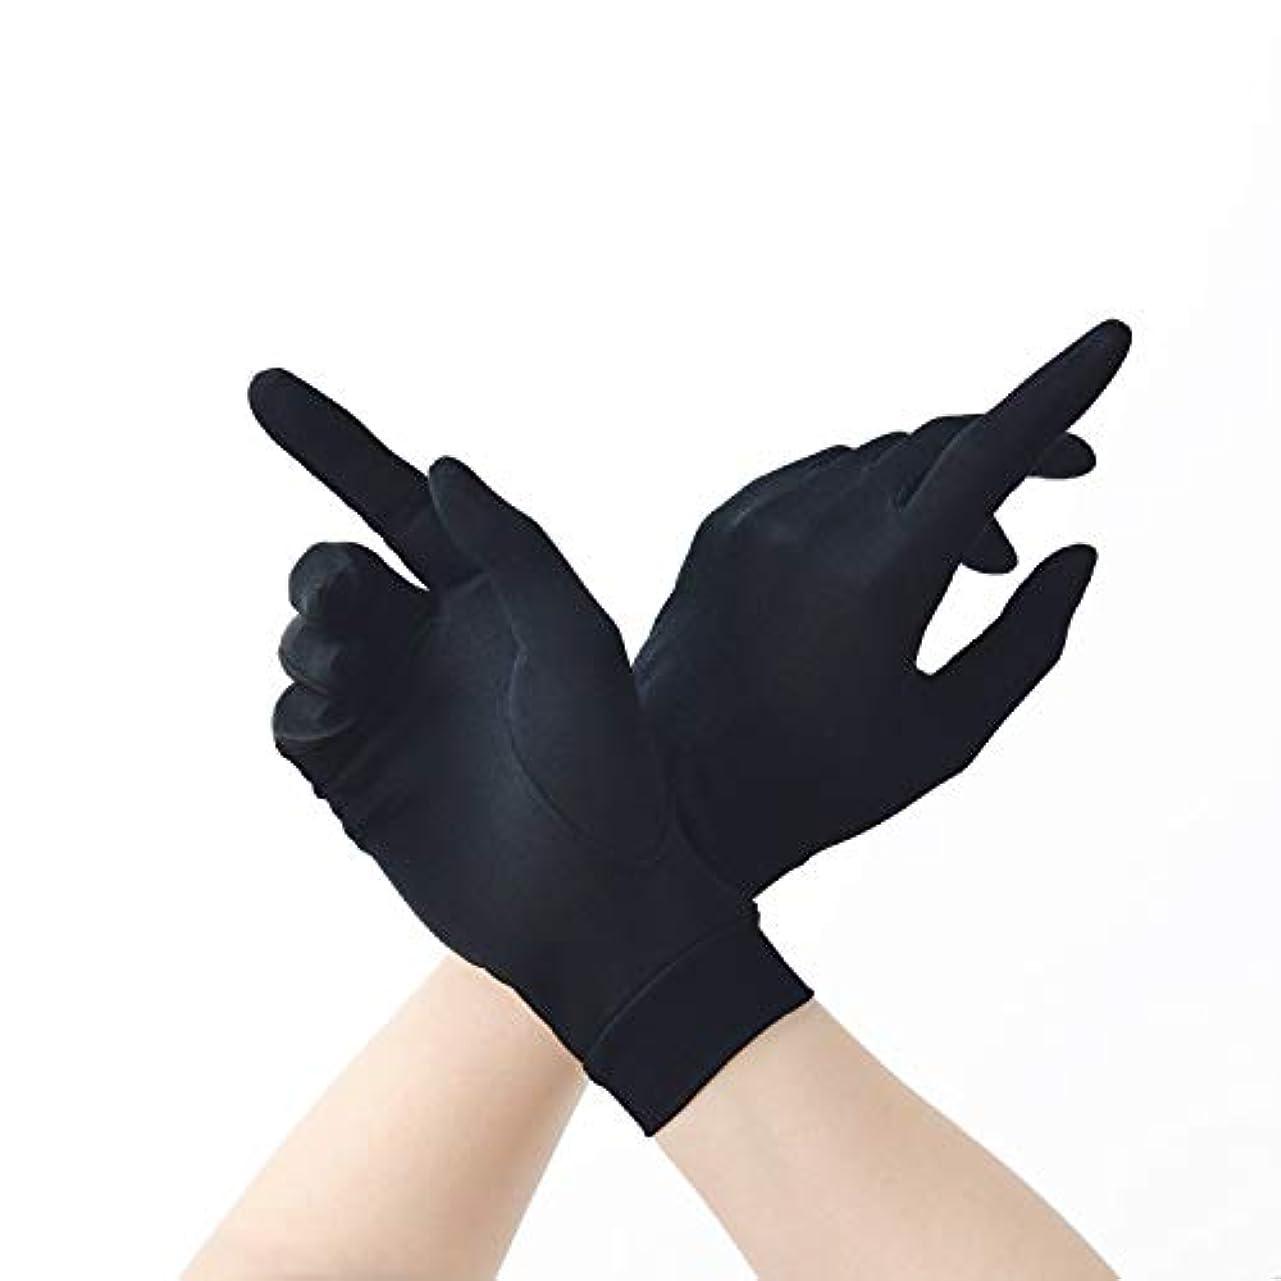 ラジウムずんぐりしたわずかに保湿 夏 ハンド 手袋 シルク 紫外線 日焼け防止 手荒い おやすみ 手触りが良い ケア レディース